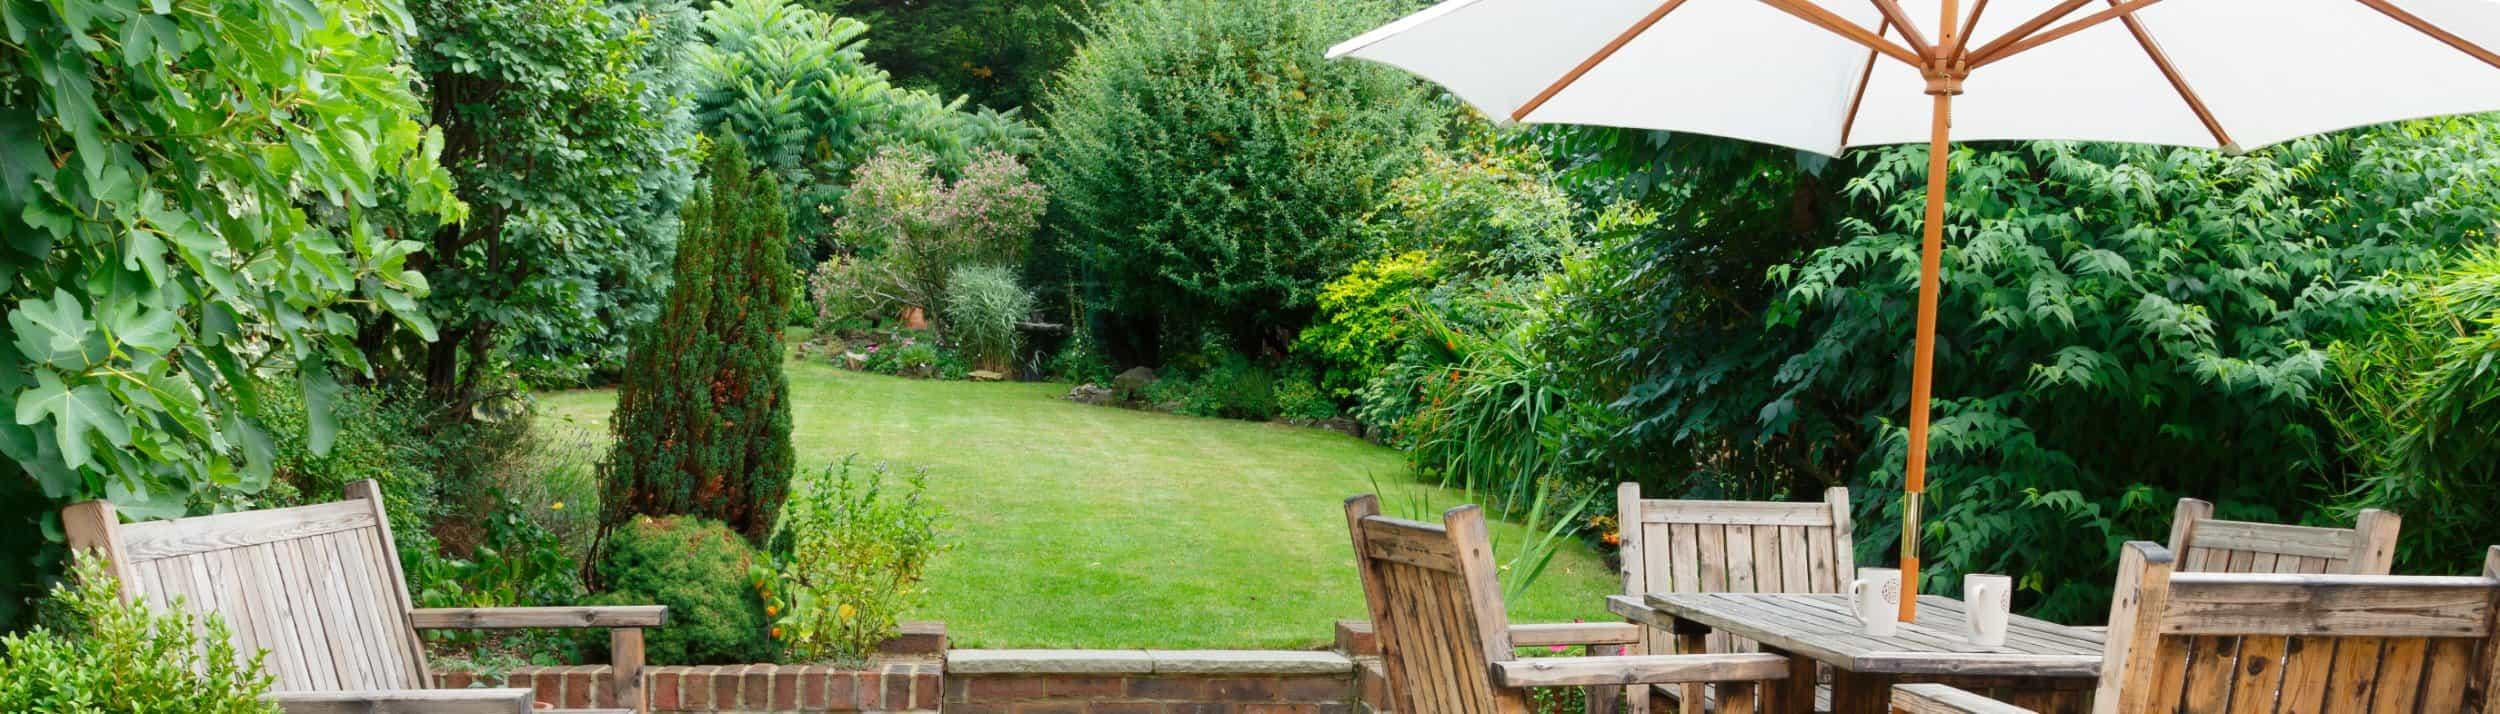 Eine Terasse mit Gartenmöbeln und Sonnenschirm und angrenzender Rasenfläche